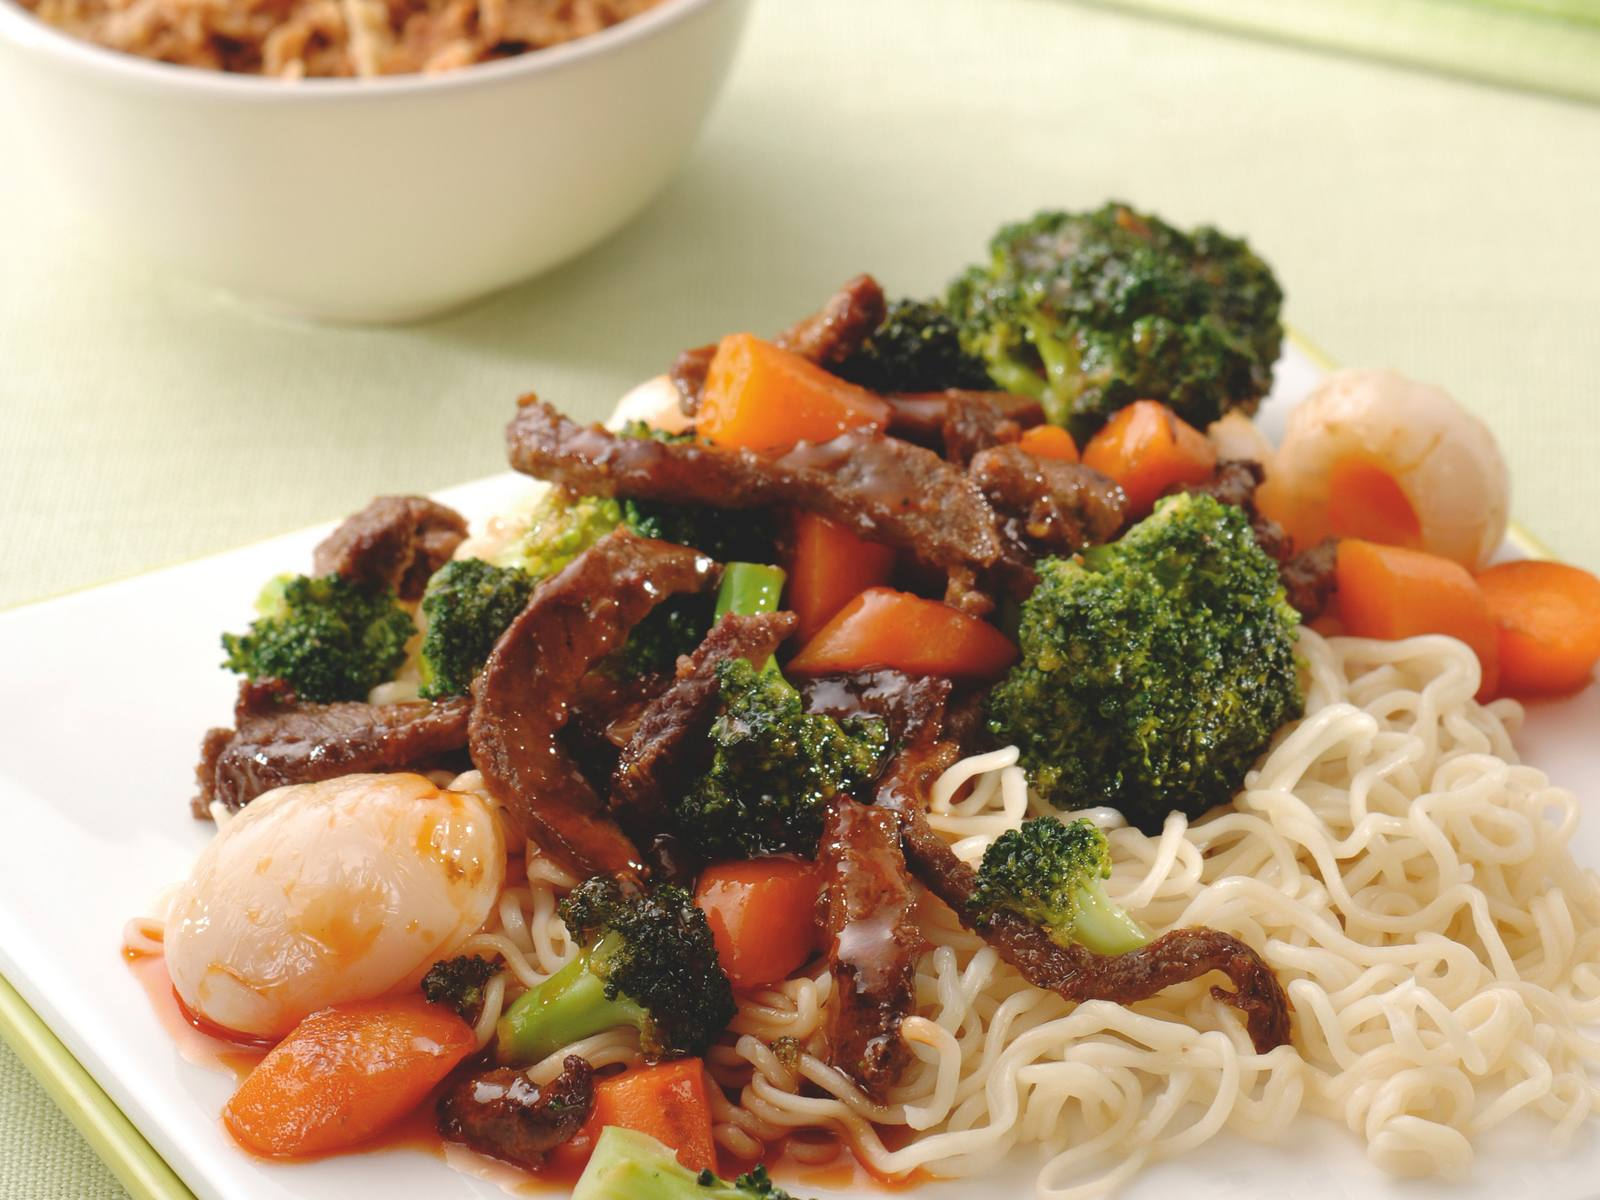 Chinese vleesreepjes met lychees, groenten en noedels